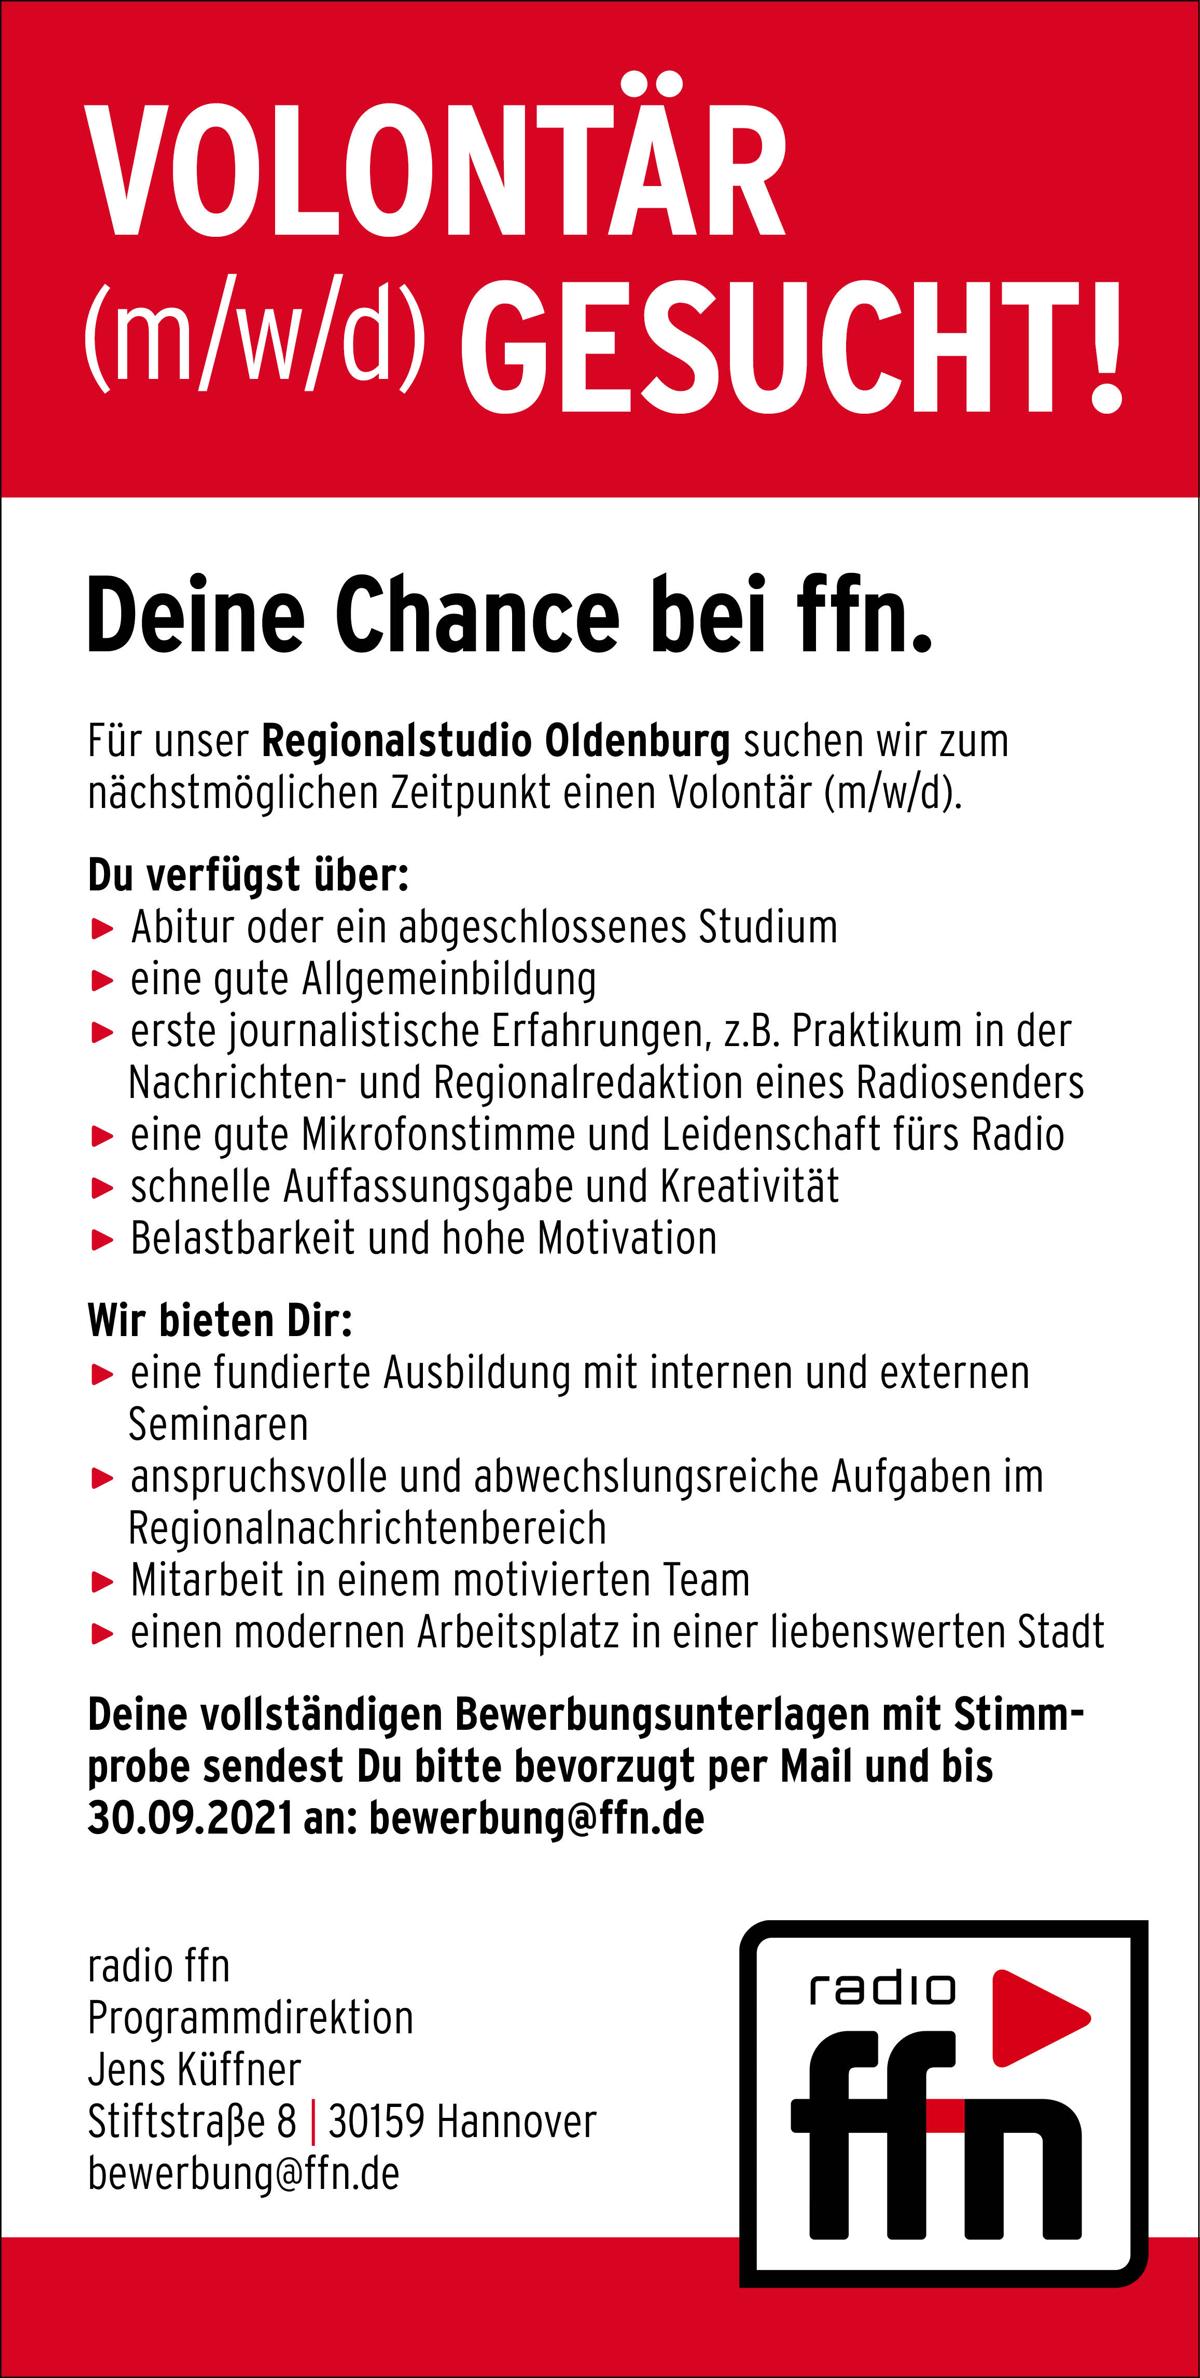 radio ffn sucht Volontär (m/w/d) für Regionalstudio Oldenburg